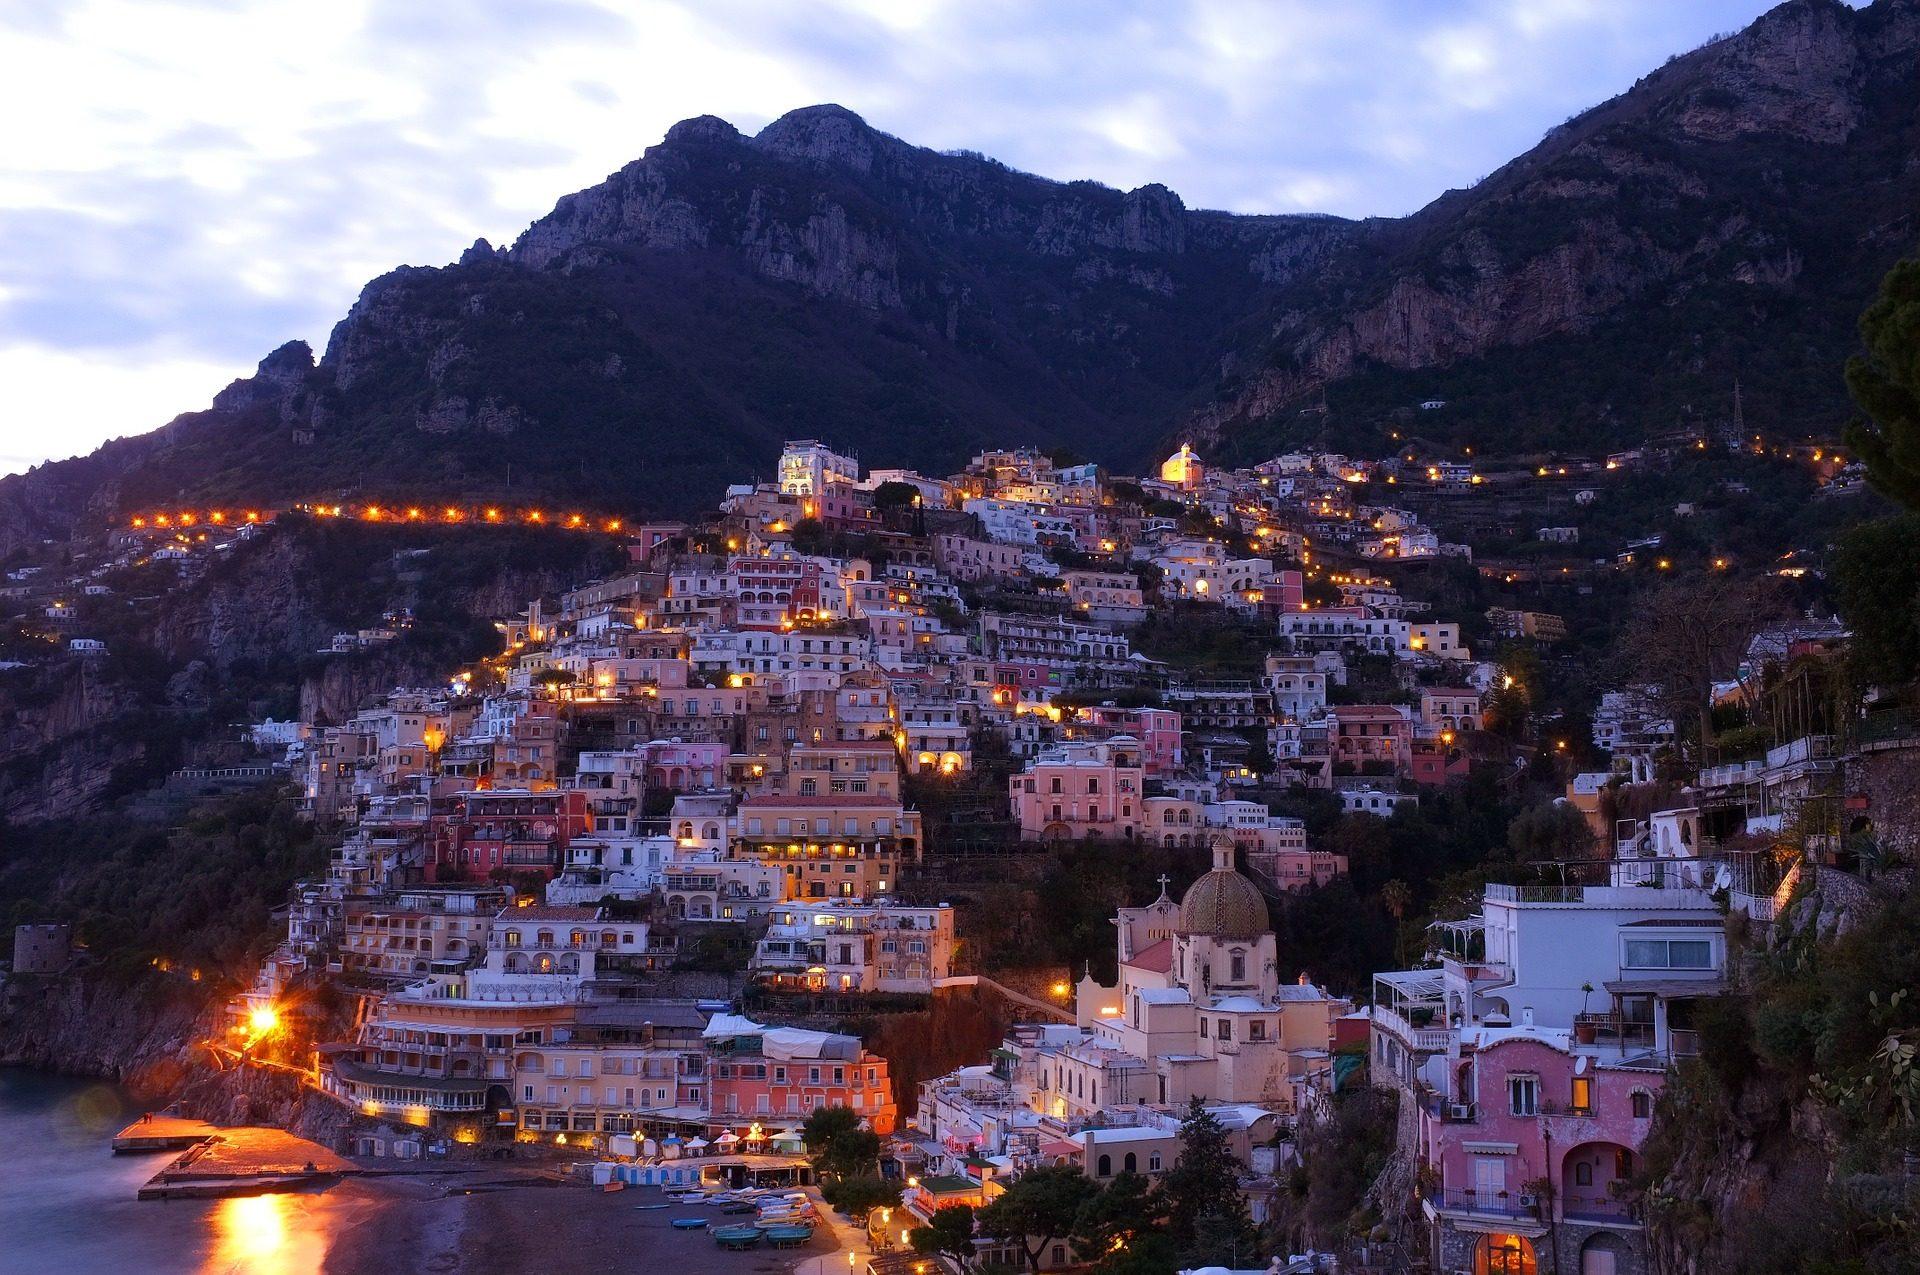 Villaggio, Costa, crepuscolo, luci, Case, cinque terre, italia - Sfondi HD - Professor-falken.com